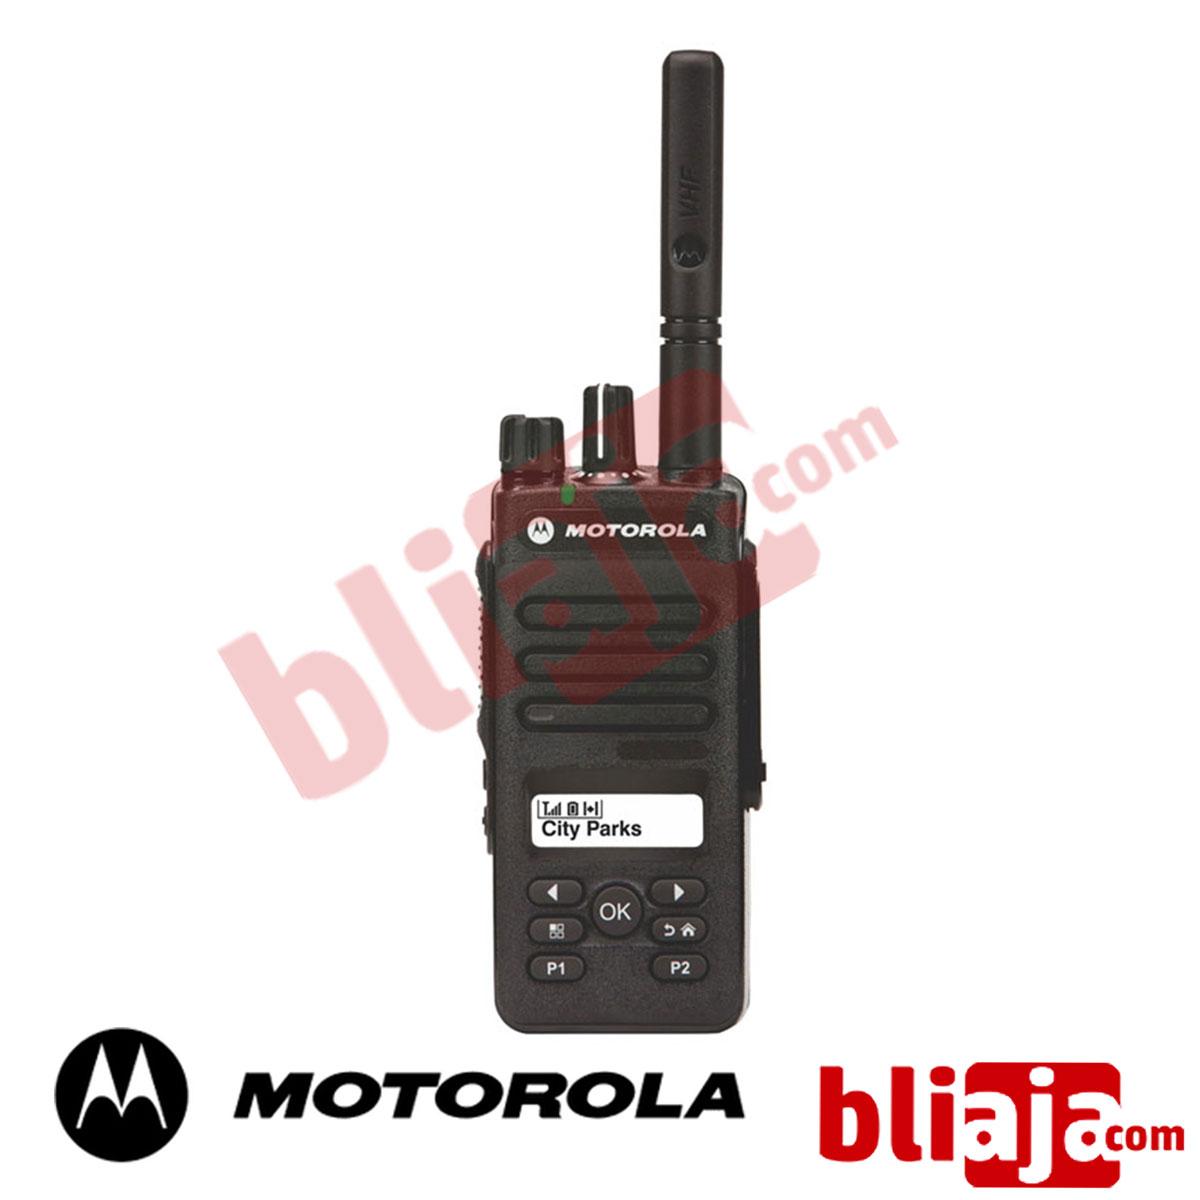 MOTOROLA XIR P6620I 136-174 5W LKP